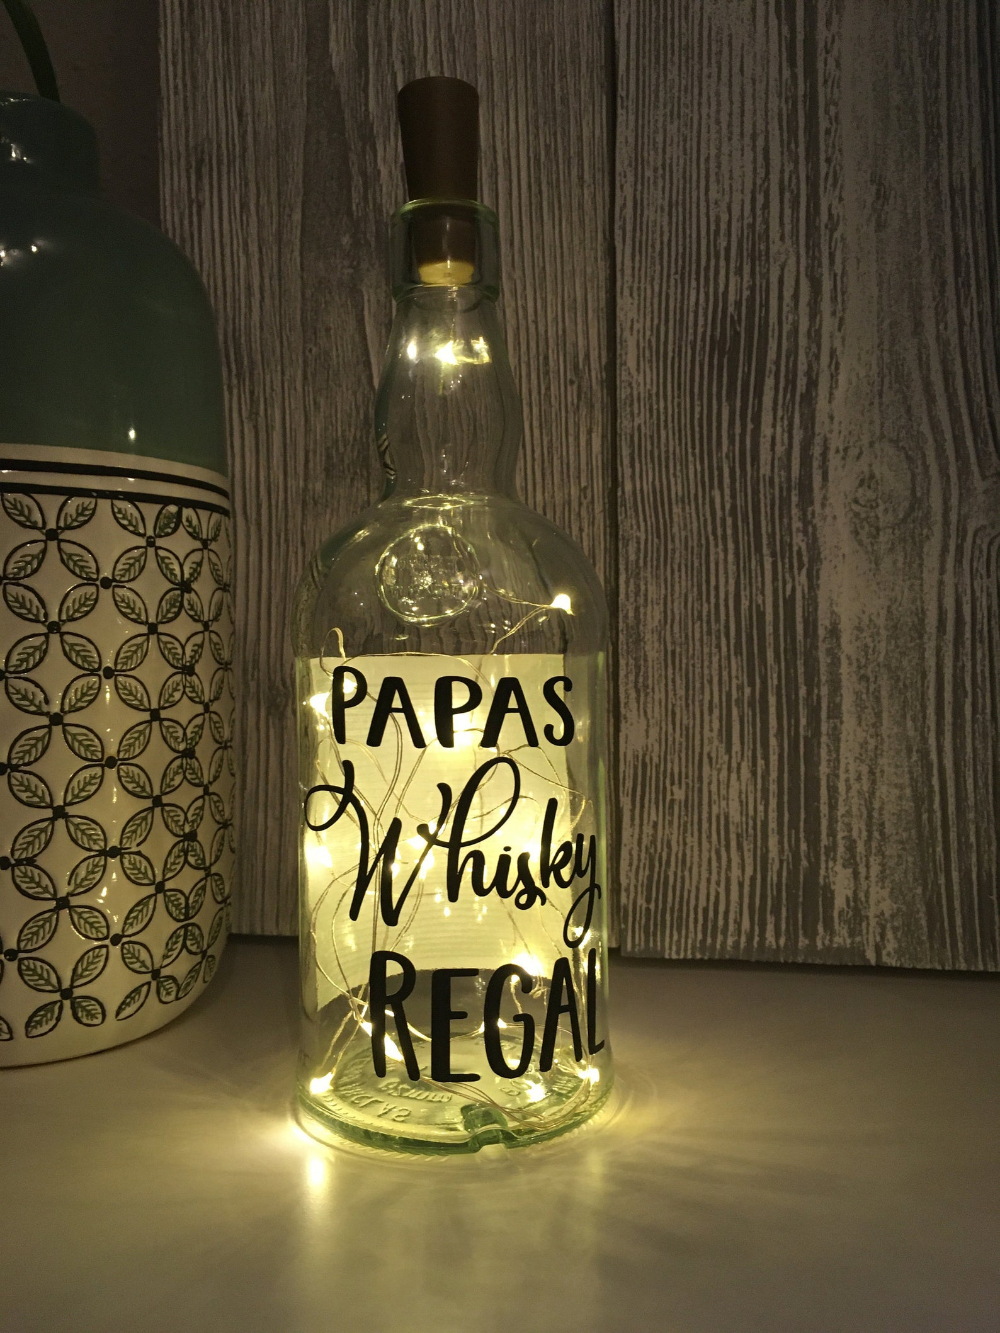 Whiskyflasche Mit Beleuchtung Papas Whisky Regal Led Leuchte Leuchtflasche Bottlelight Lichterkette Geschenk Flaschenlicht Vodka Bottle Titos Vodka Whisky